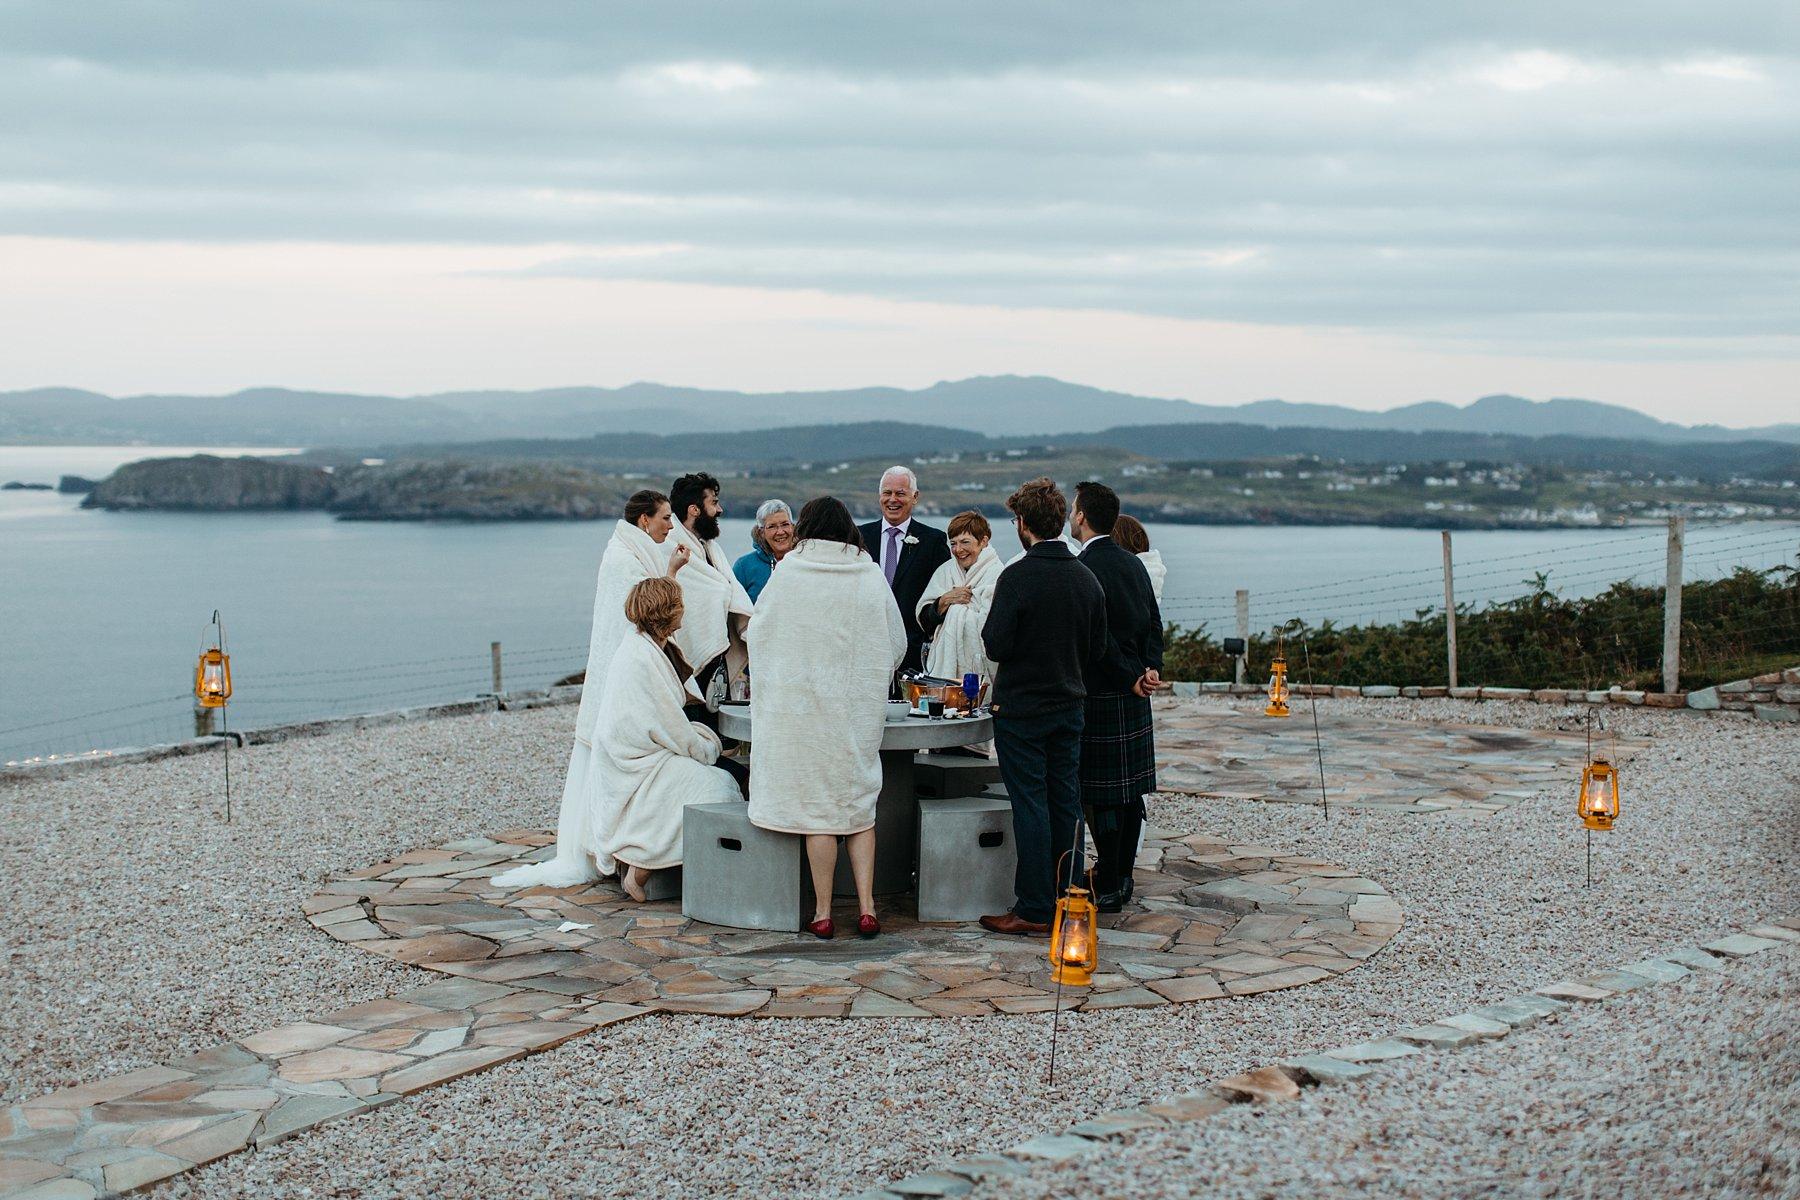 hornhead_donegak_elopement_weddings_0094